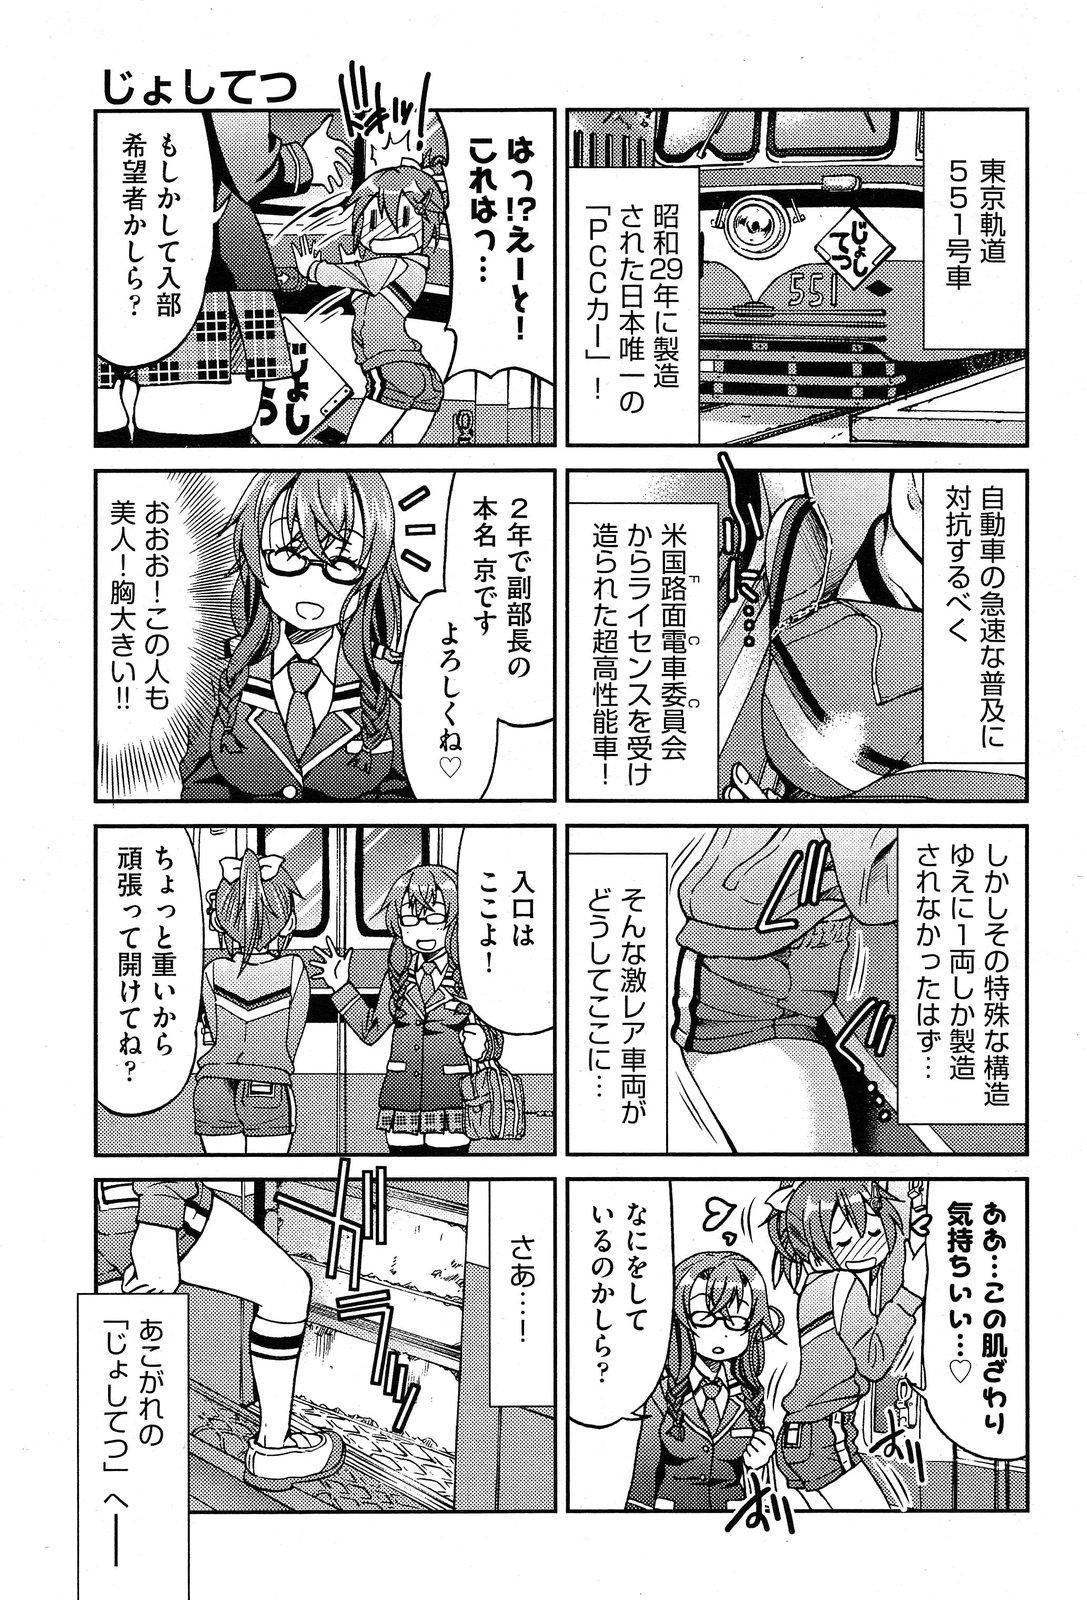 [Inoue Yoshihisa] Joshitetsu -Girls railway Geek- Ch.1-7 125